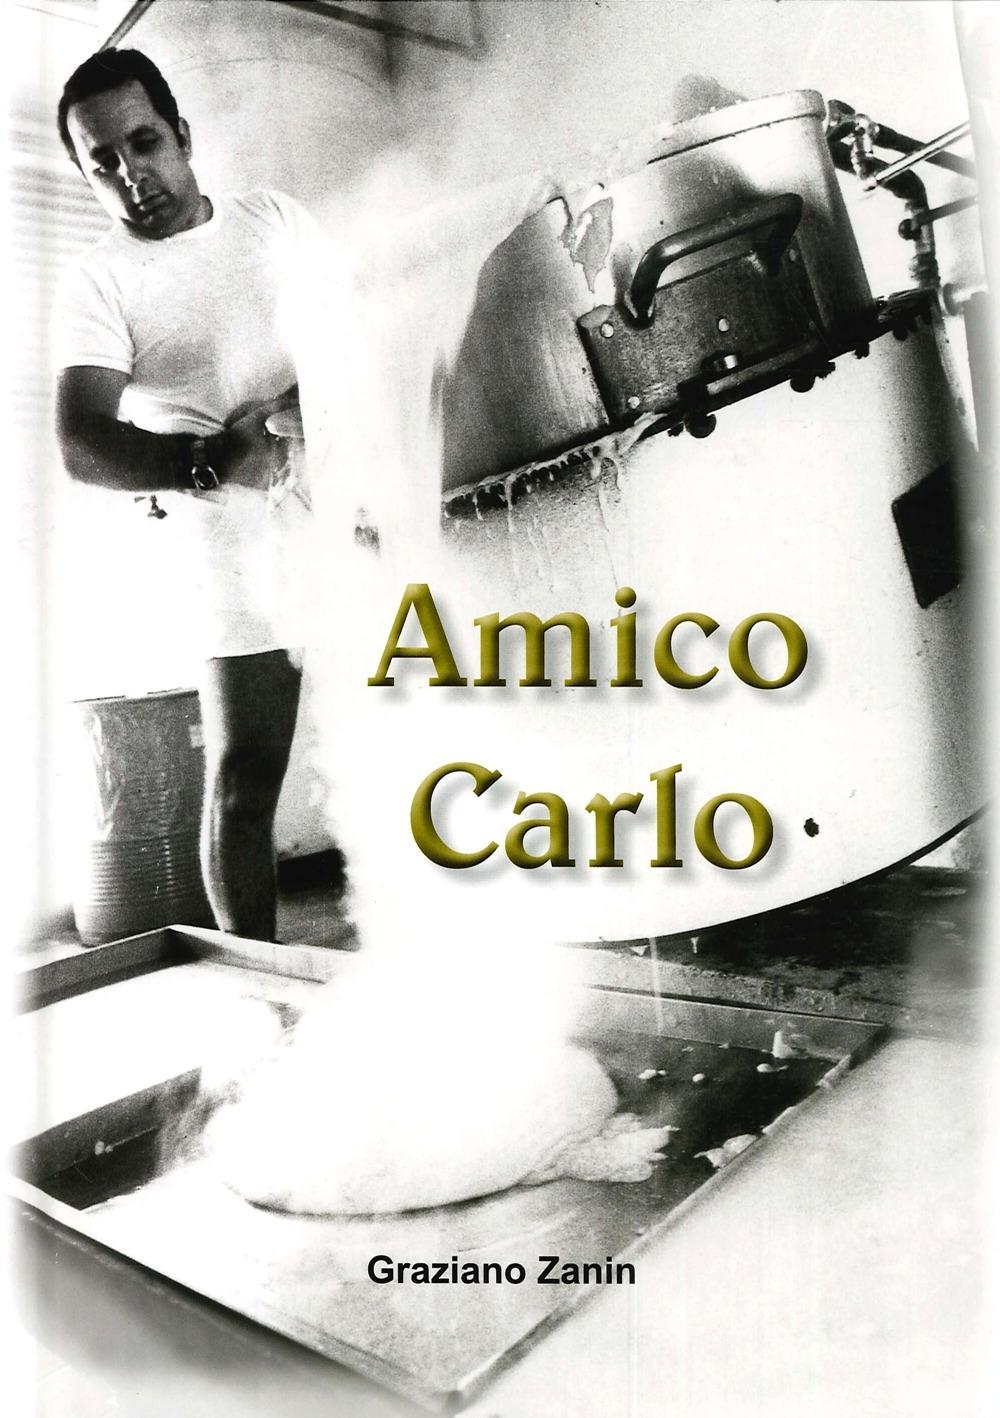 Amico Carlo.